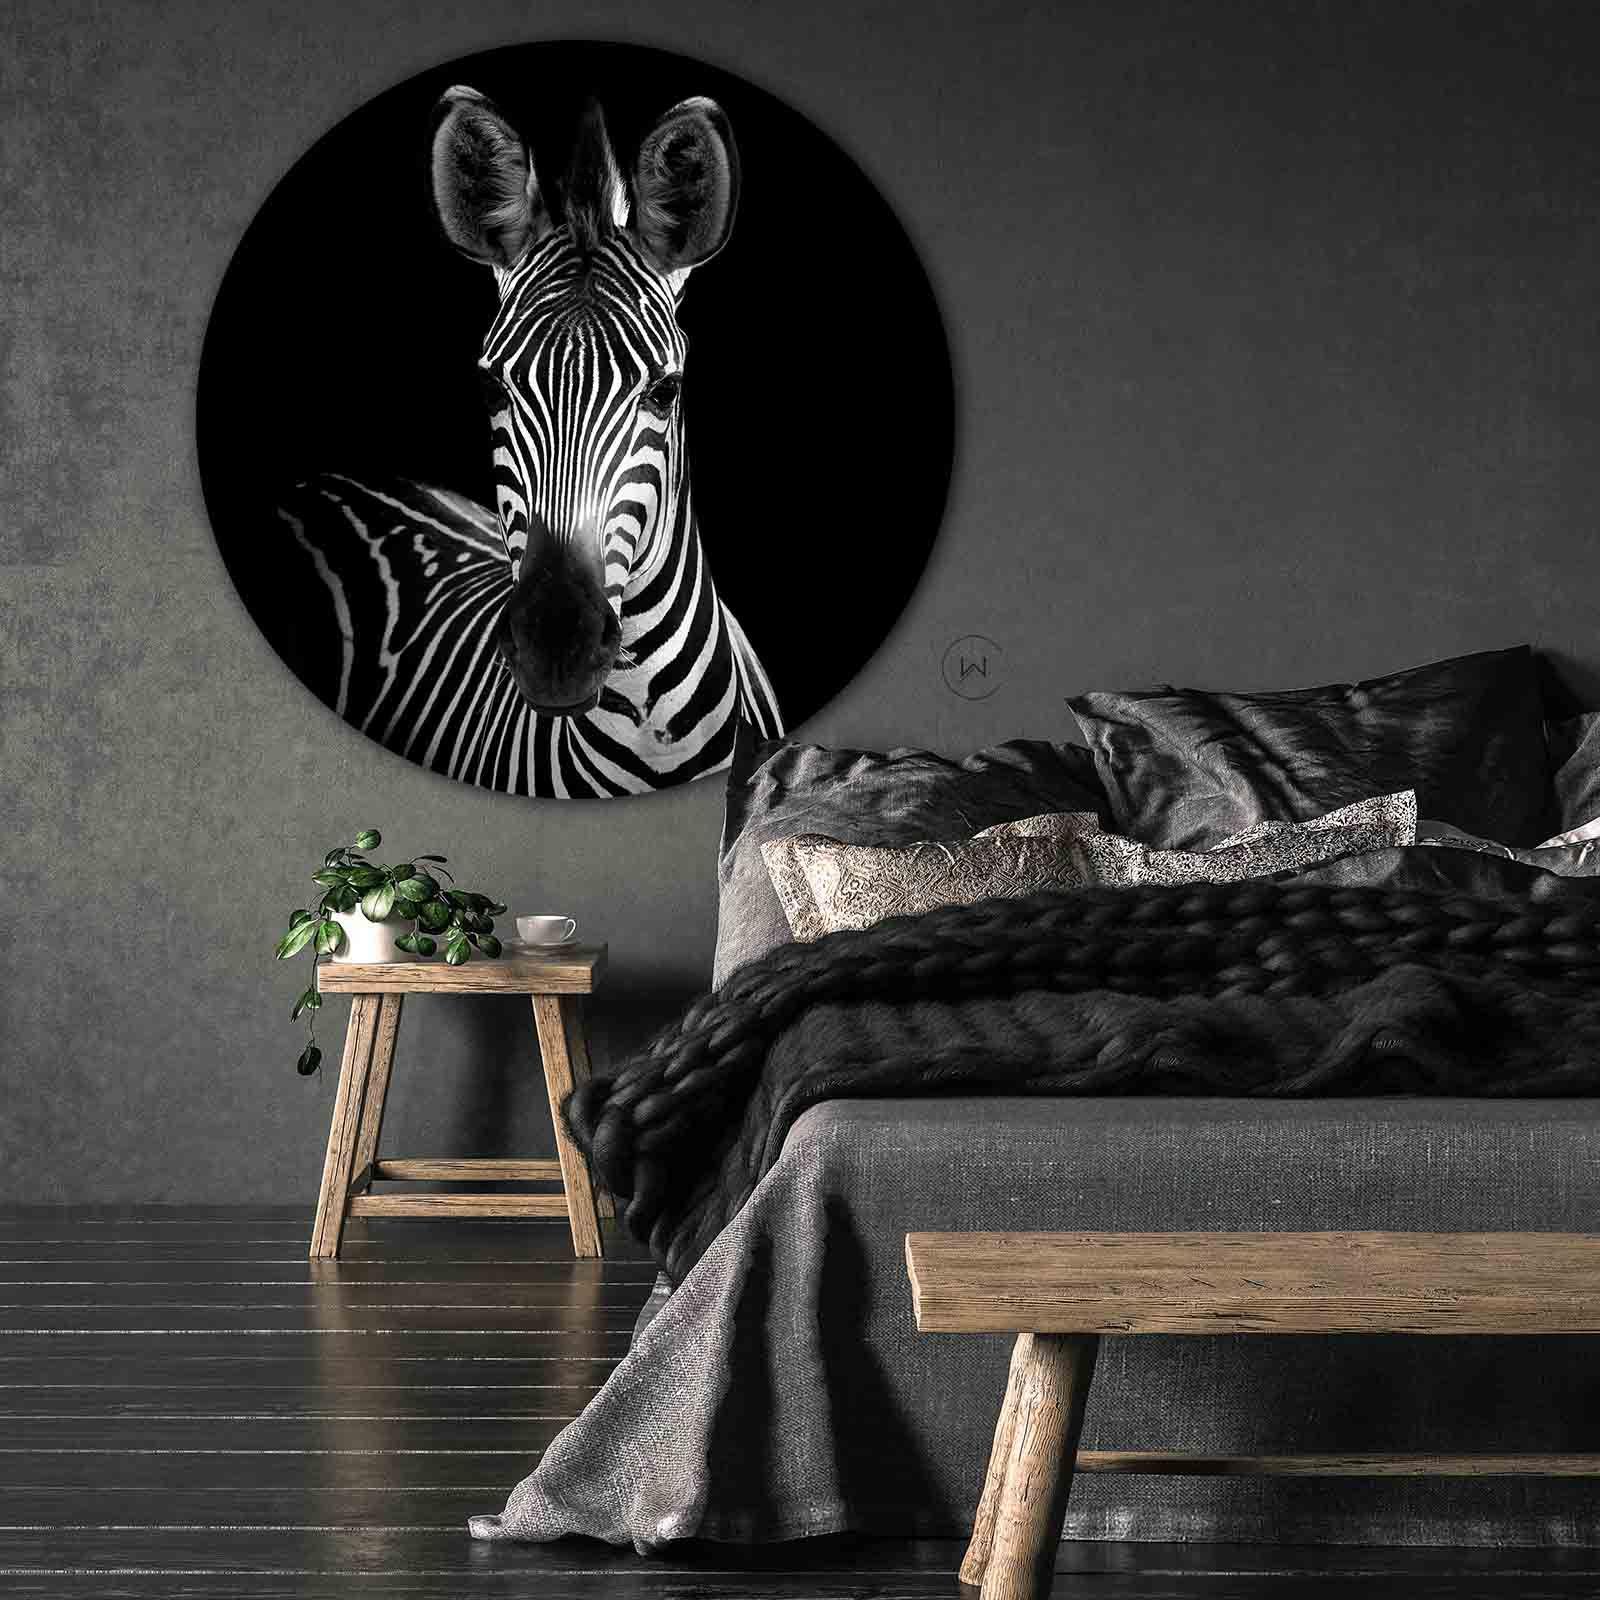 Wanddecoratie Slaapkamer Zwarte Slaapkamer Muren Zwart Wit Slaapkamers Zebra S